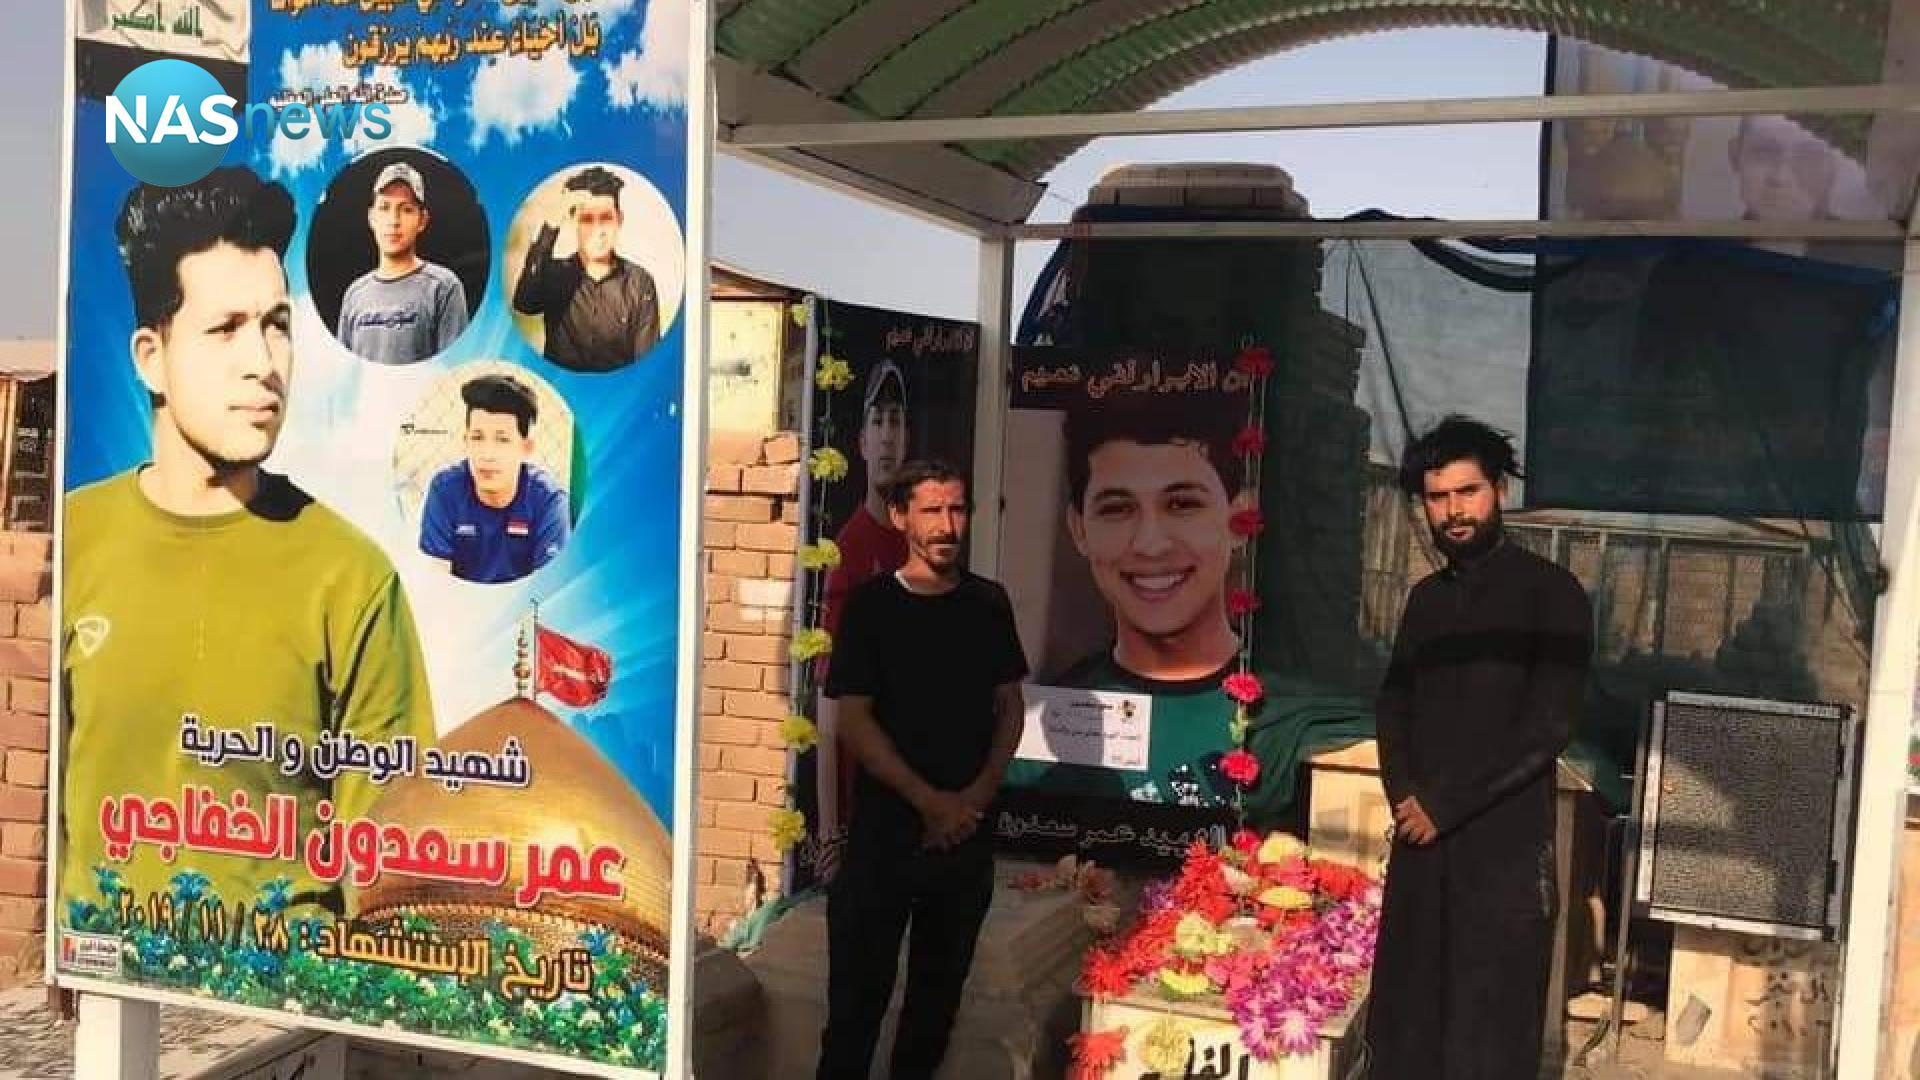 متطوعون يعيدون ترميم قبر 'عمر السعدون' بعد تخريب على يد مجهولين (صور)